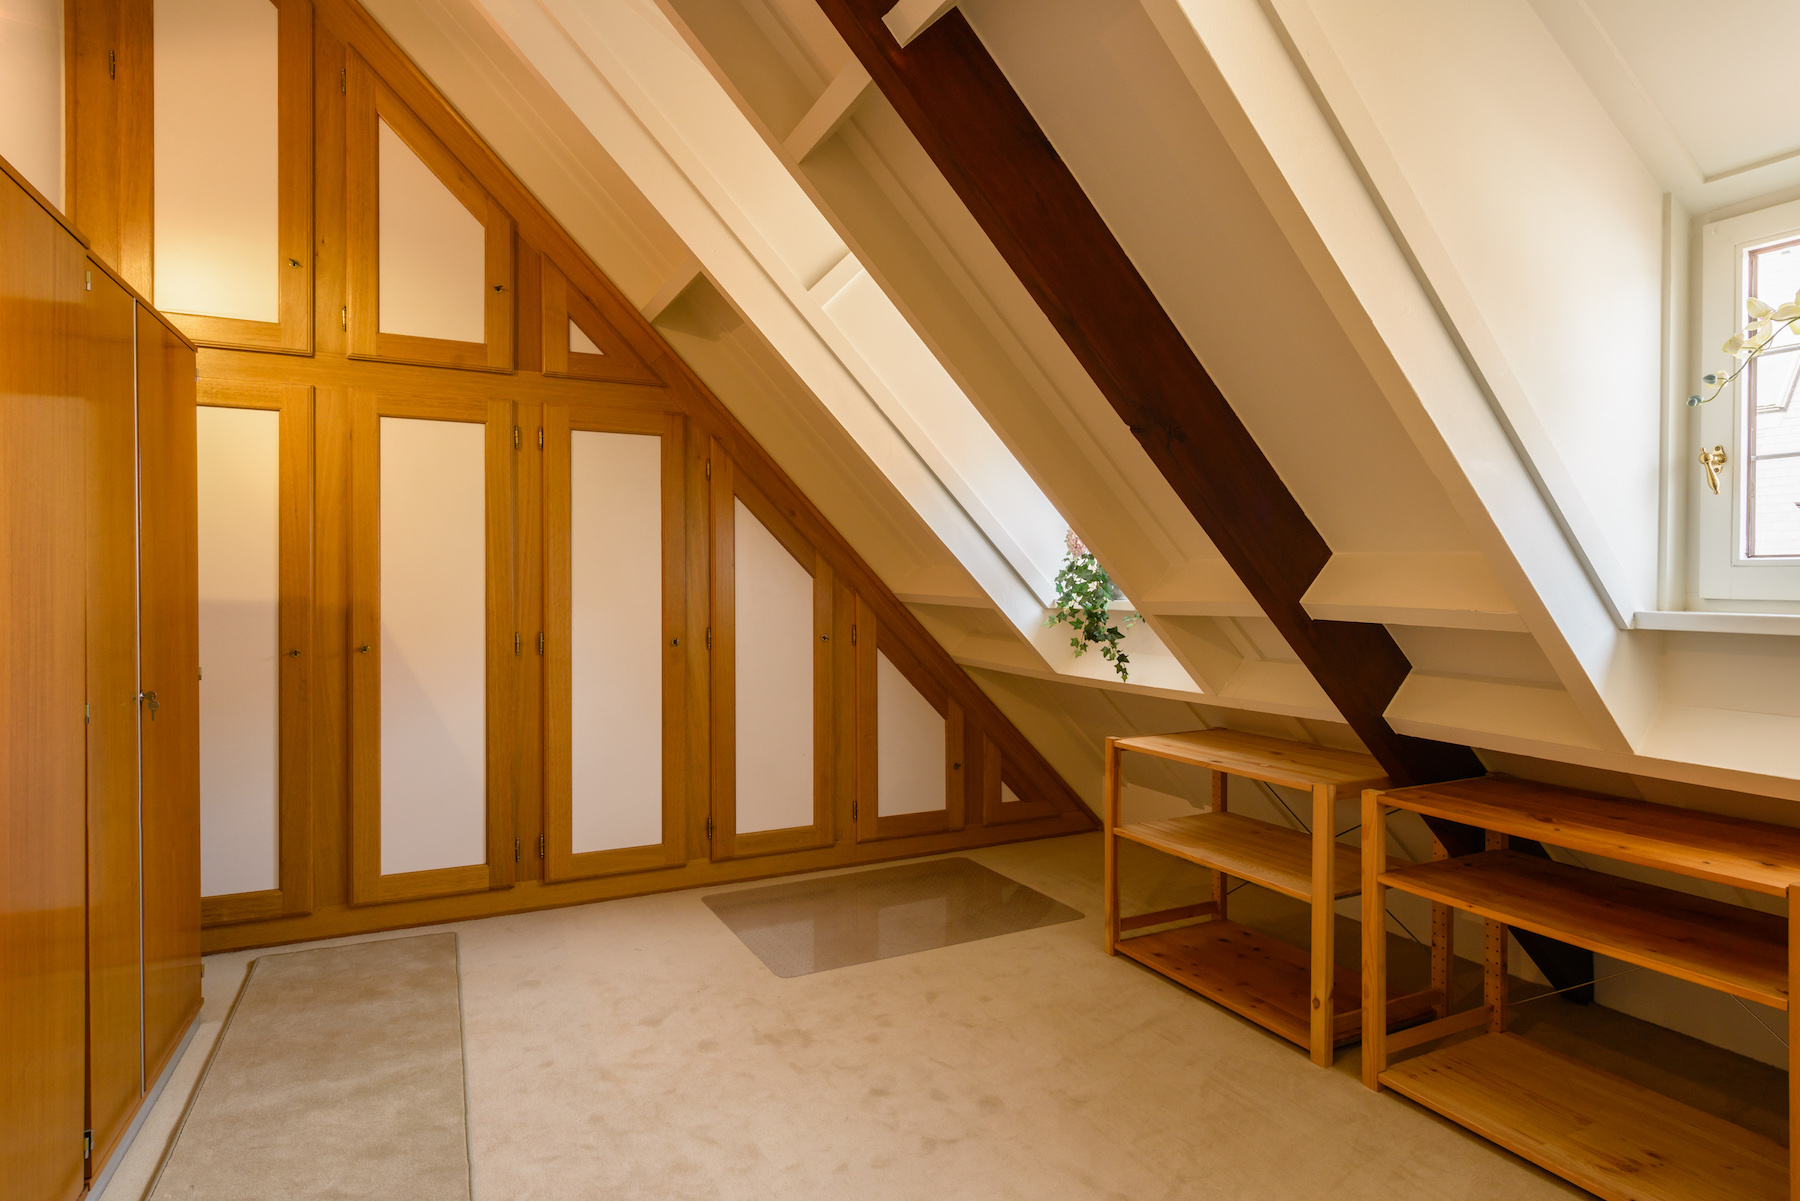 Appartement te koop te 2000 antwerpen 495000 ka a 1526 - Douchekamer model ...